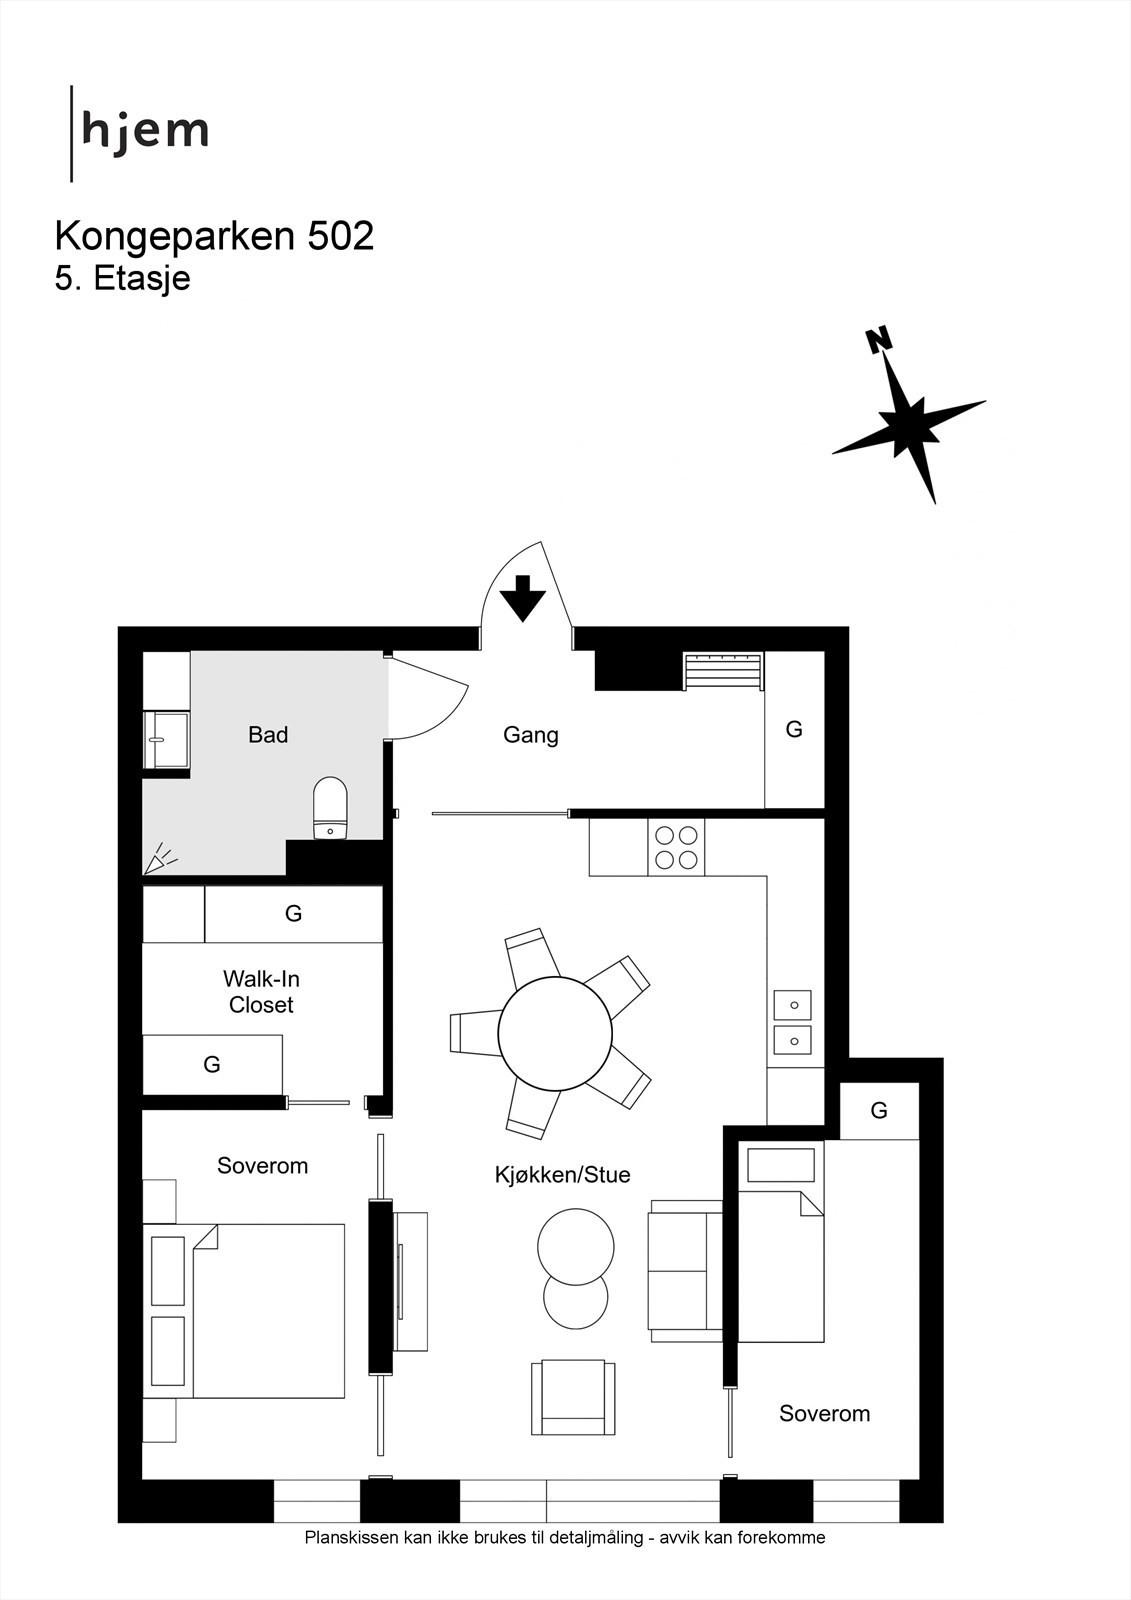 Kongeparken 502 - 2D - 5. Etasje